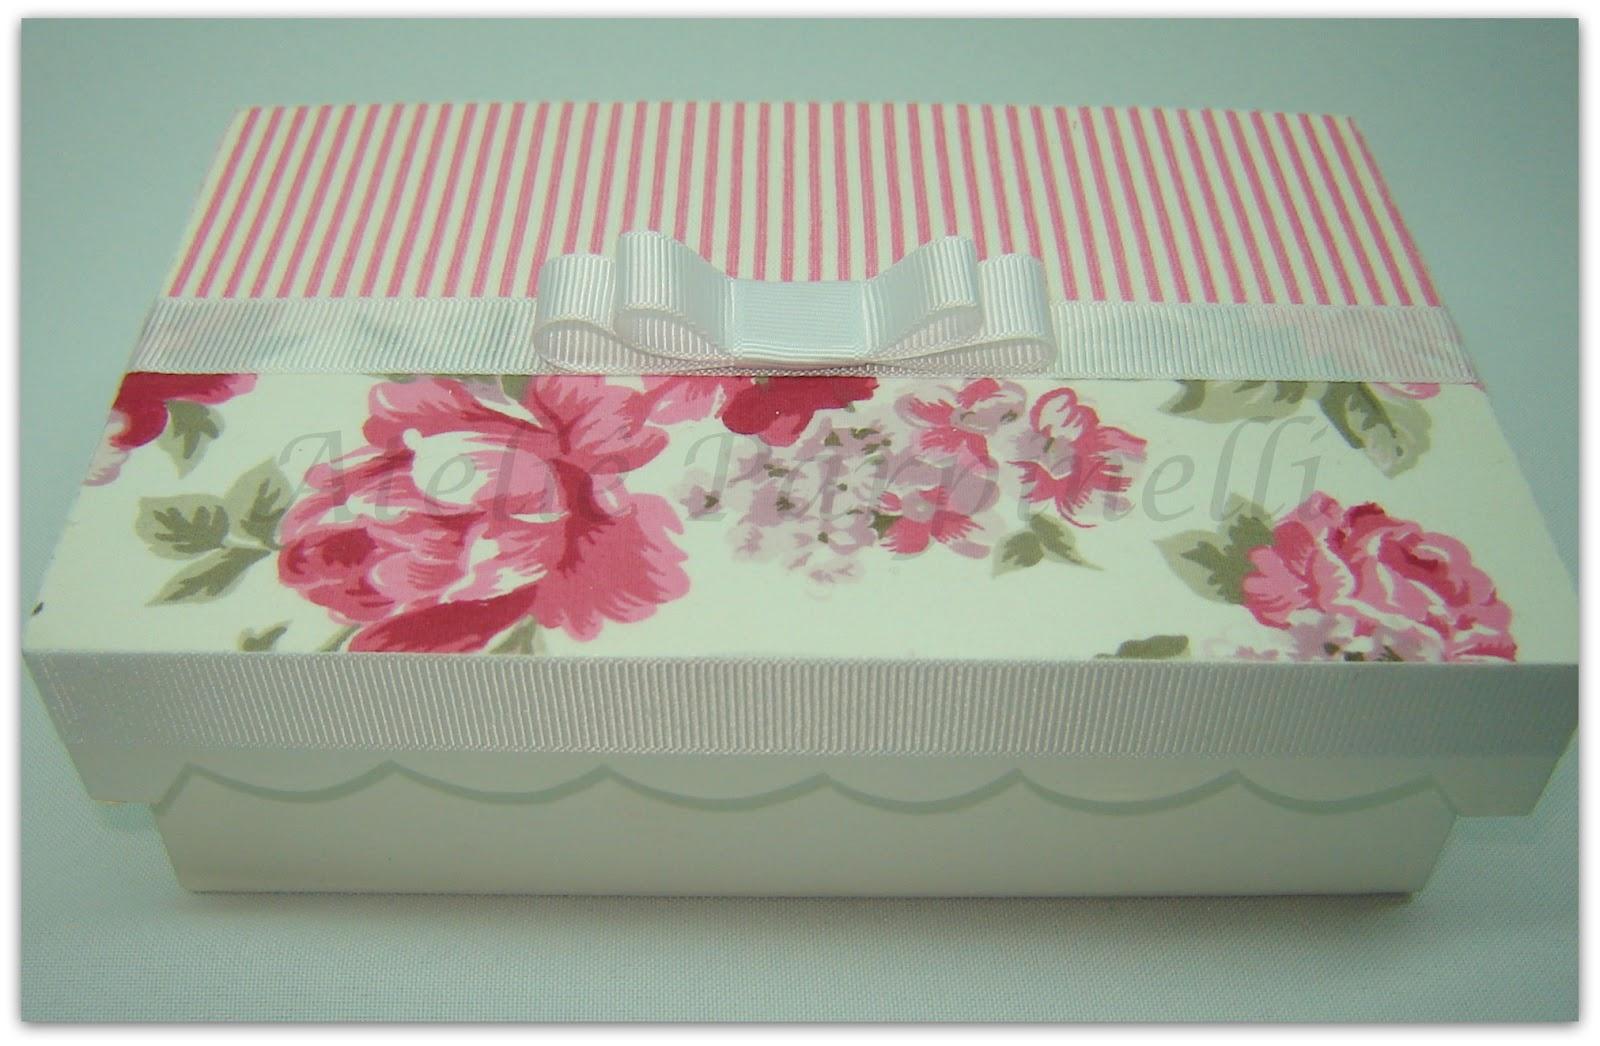 caixa de presente forrada caixa de presentes caixa forrada com tecido  #963541 1600x1046